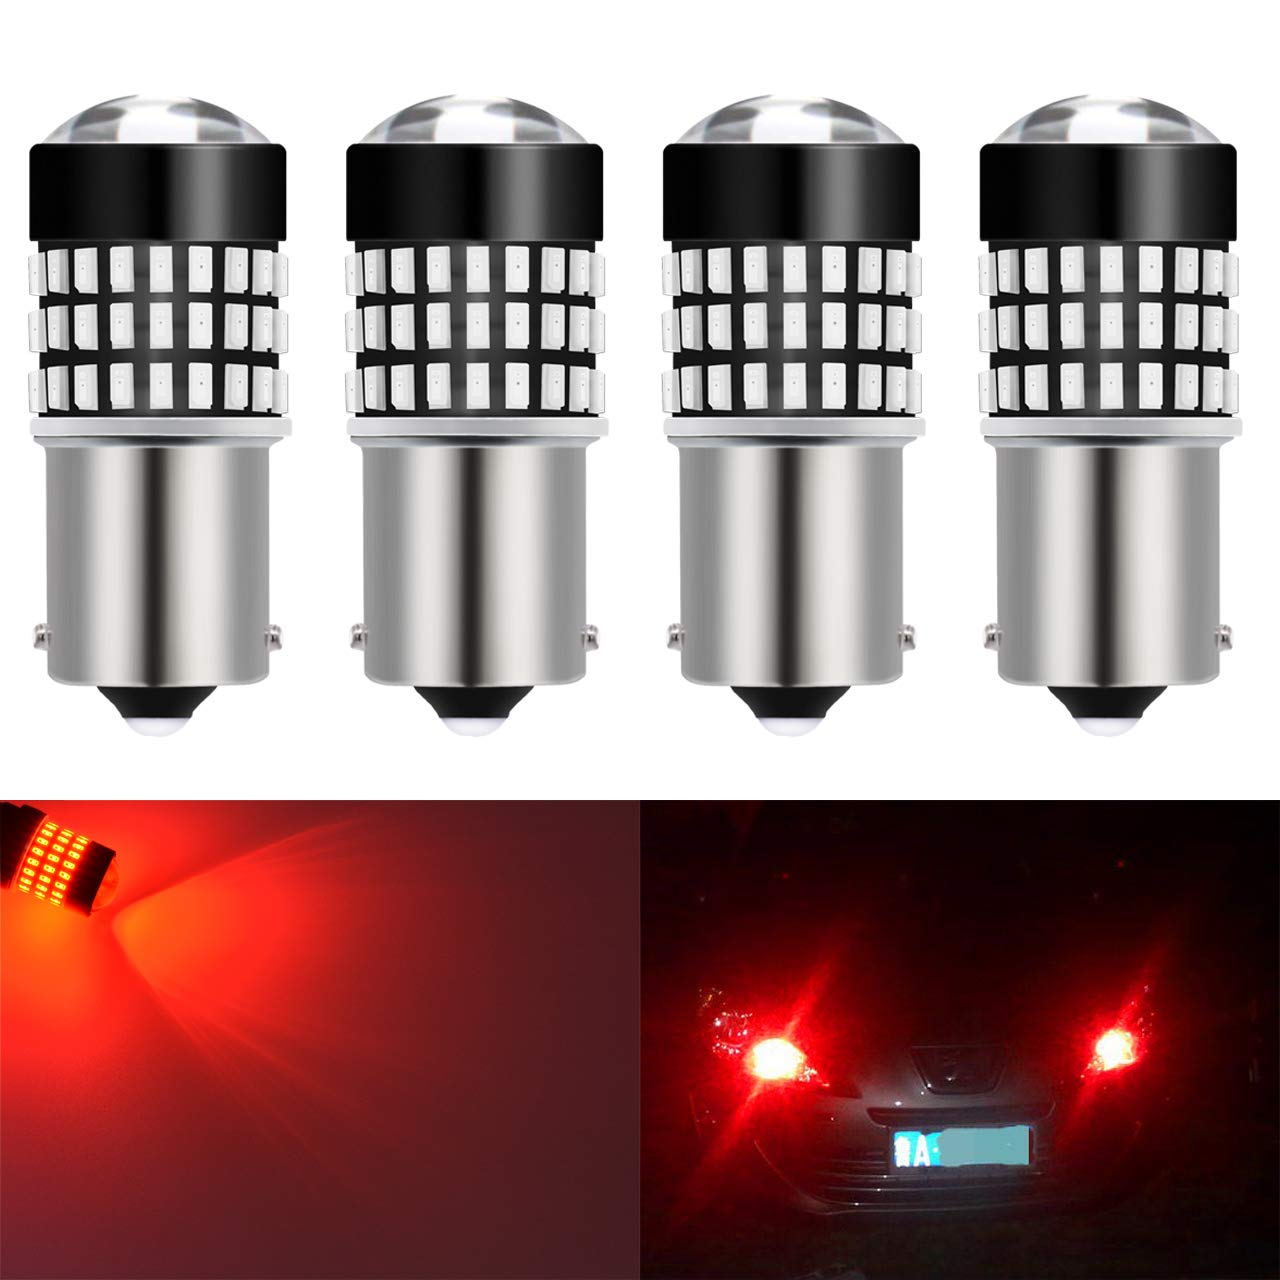 KATUR 2pcs 900 Lumens 1157 BAY15D S25 2057 2357 7528 Base Super Bright 3014 78SMD Lens LED Bulbs Brake Turn Signal Tail Backup Reverse Brake Light Lamp Amber 12V 4W